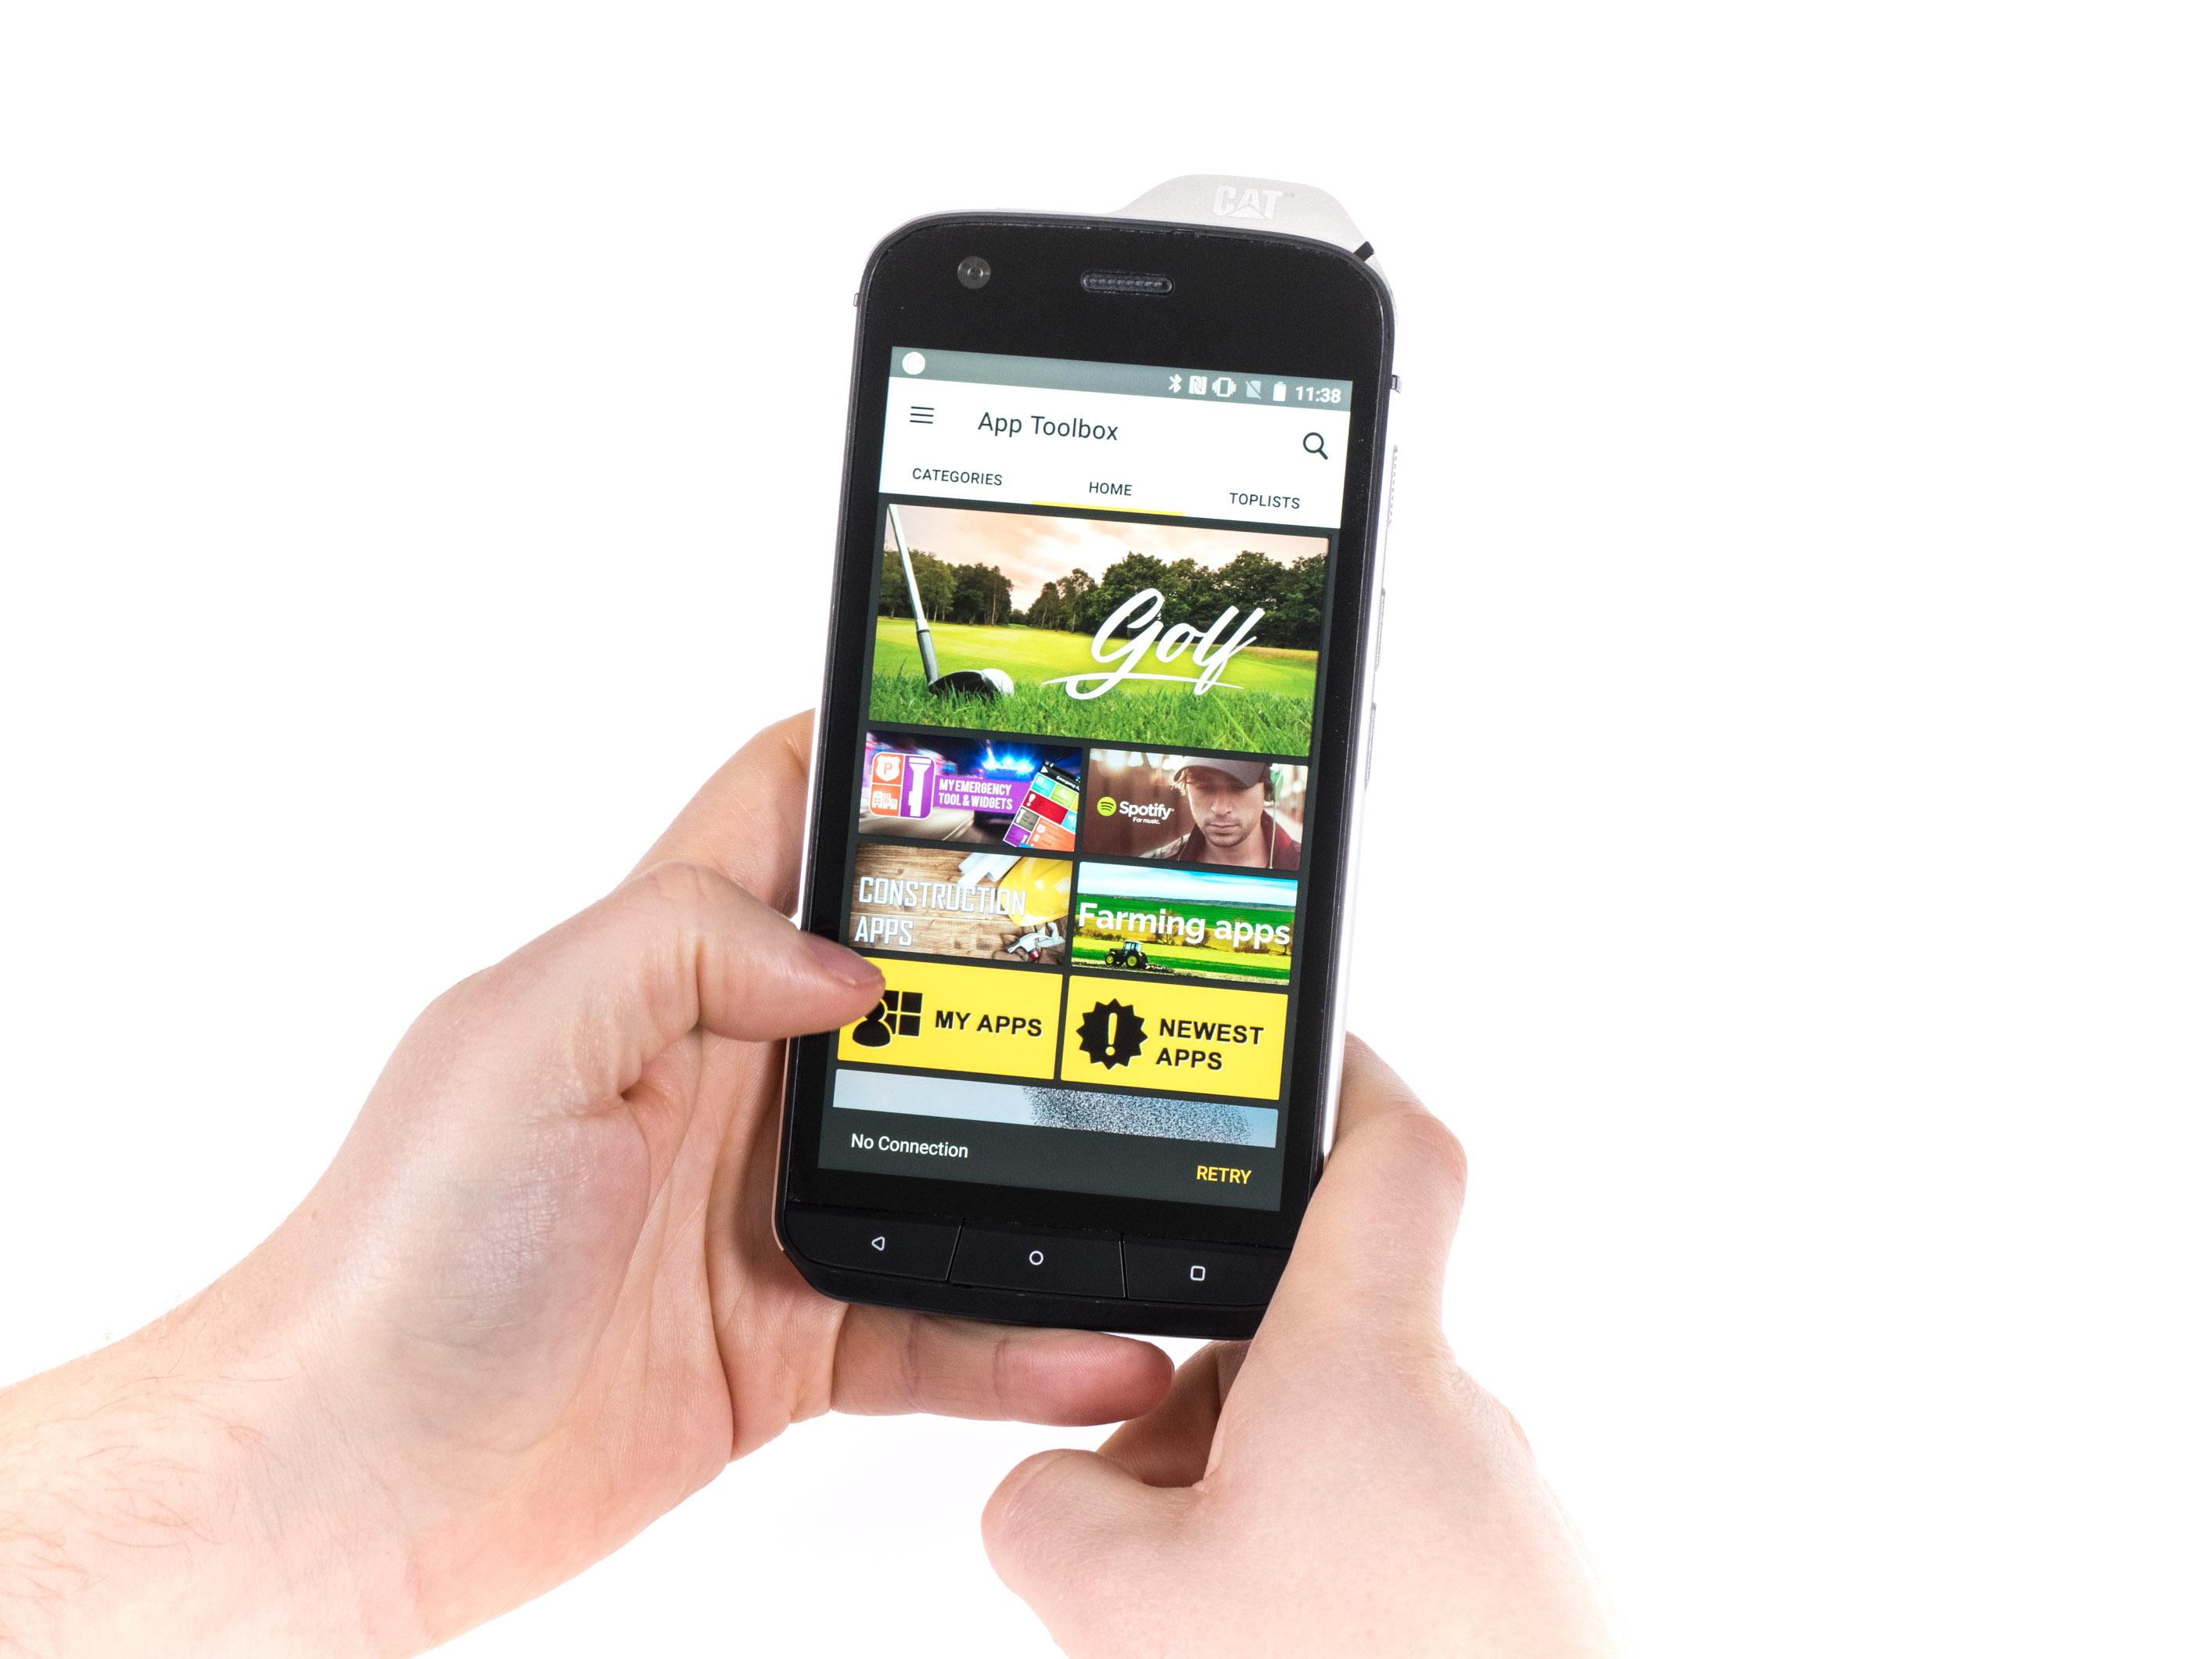 Cat S61 im Hands on: Smartphone kann Luftreinheit und Entfernungen messen - S61 mit eigenen App-Empfehlungen (Bild: Martin Wolf/Golem.de)